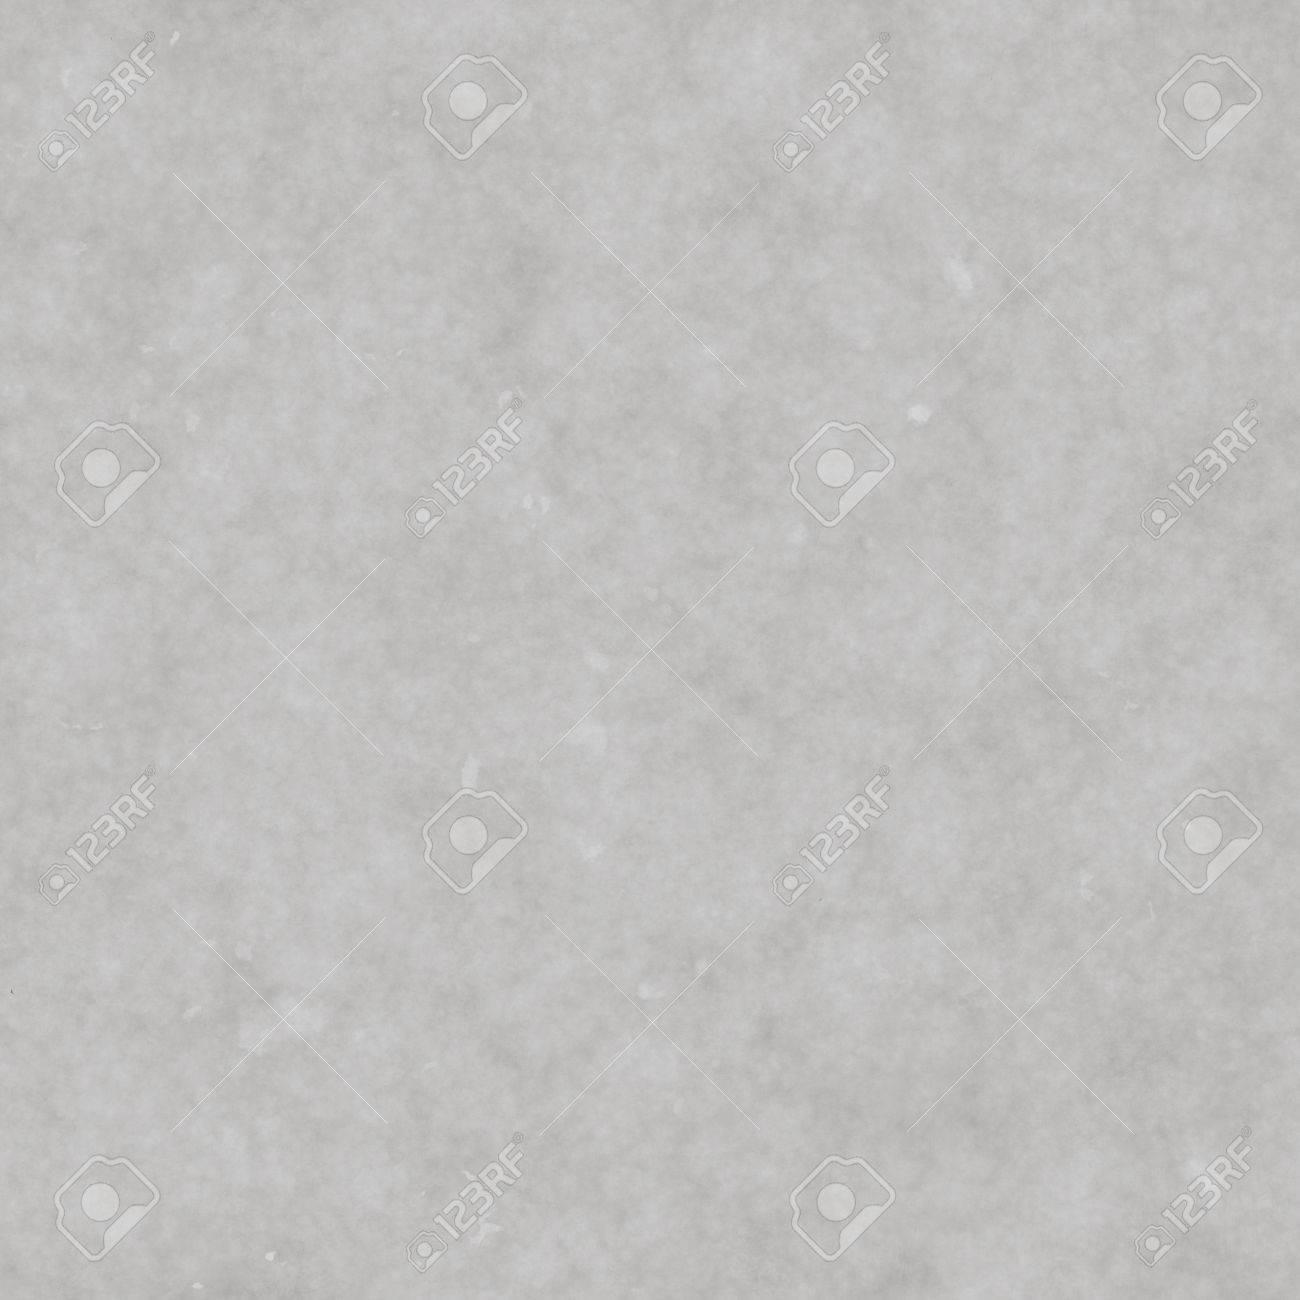 Mur En Béton. Texture De Mur Gris Transparente. Enduit Décoratif ...